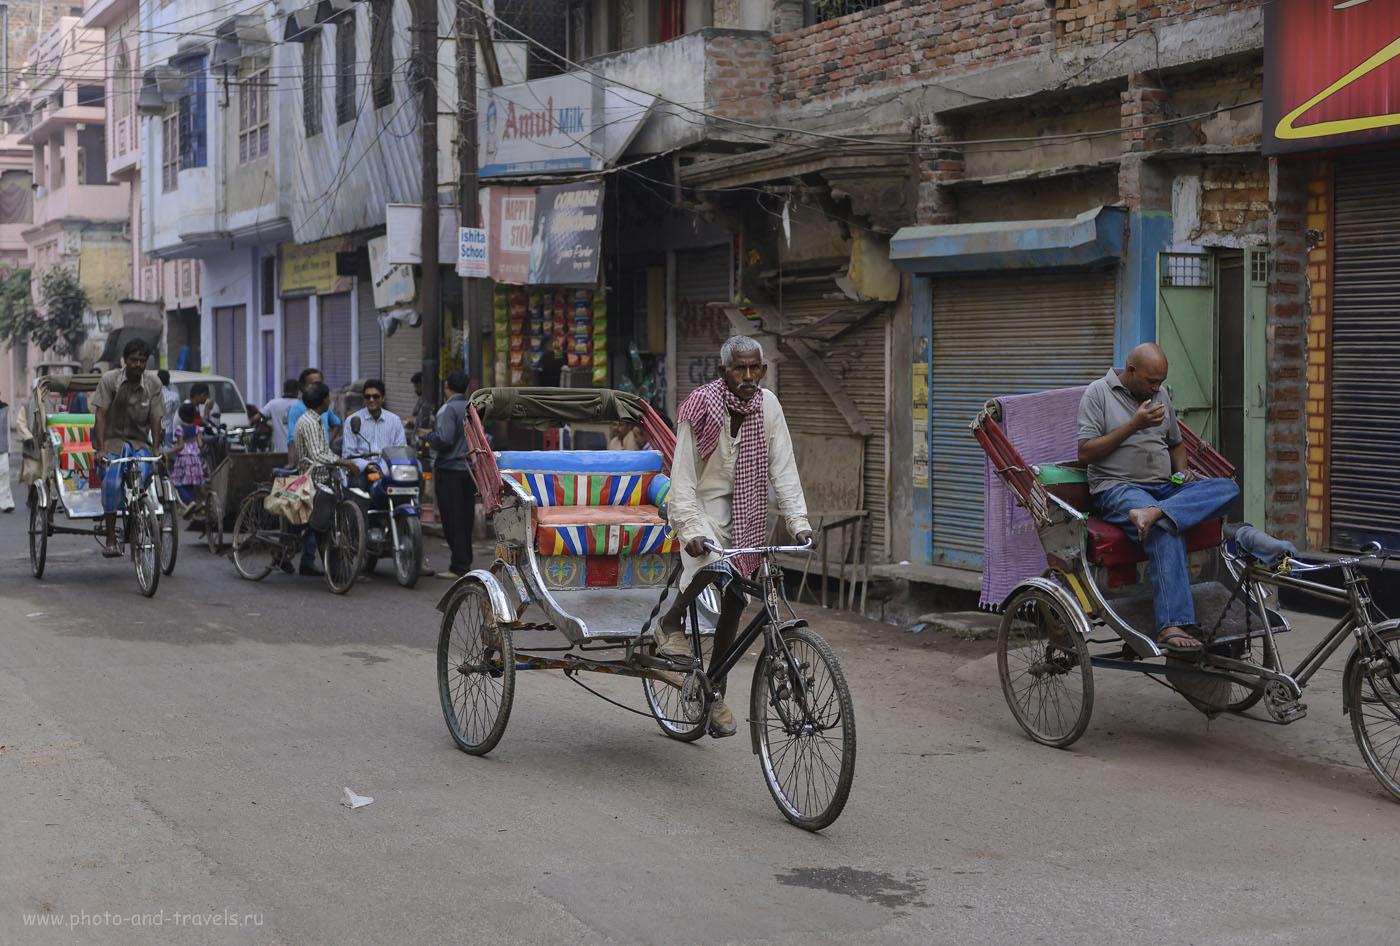 Фотография 6. Велорикши – основной вид транспорта на равнинных городах в Индии. В Гималаях, в Дарджилинге (Западная Бенгалия) или в Гангтоке (Сикким) мы их не видели. 1/400, -0.33, 2.8, 250, 48.